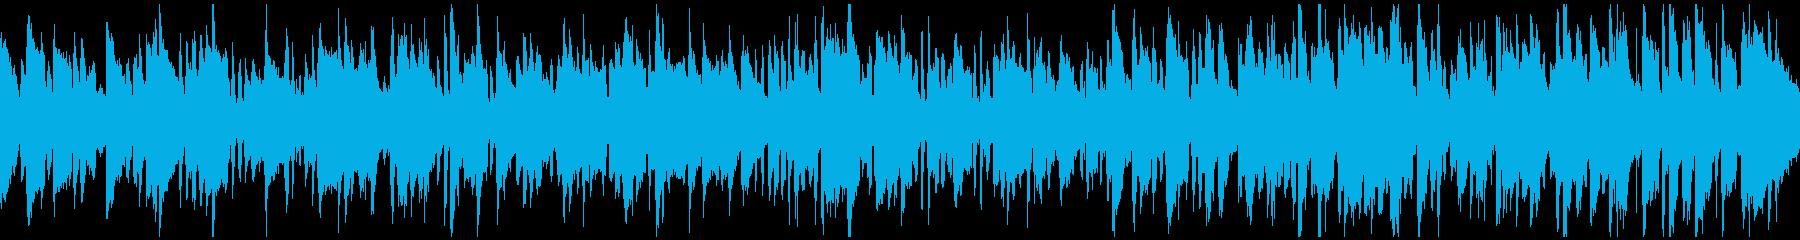 素朴なリコーダーのボサノバ ※ループ版の再生済みの波形